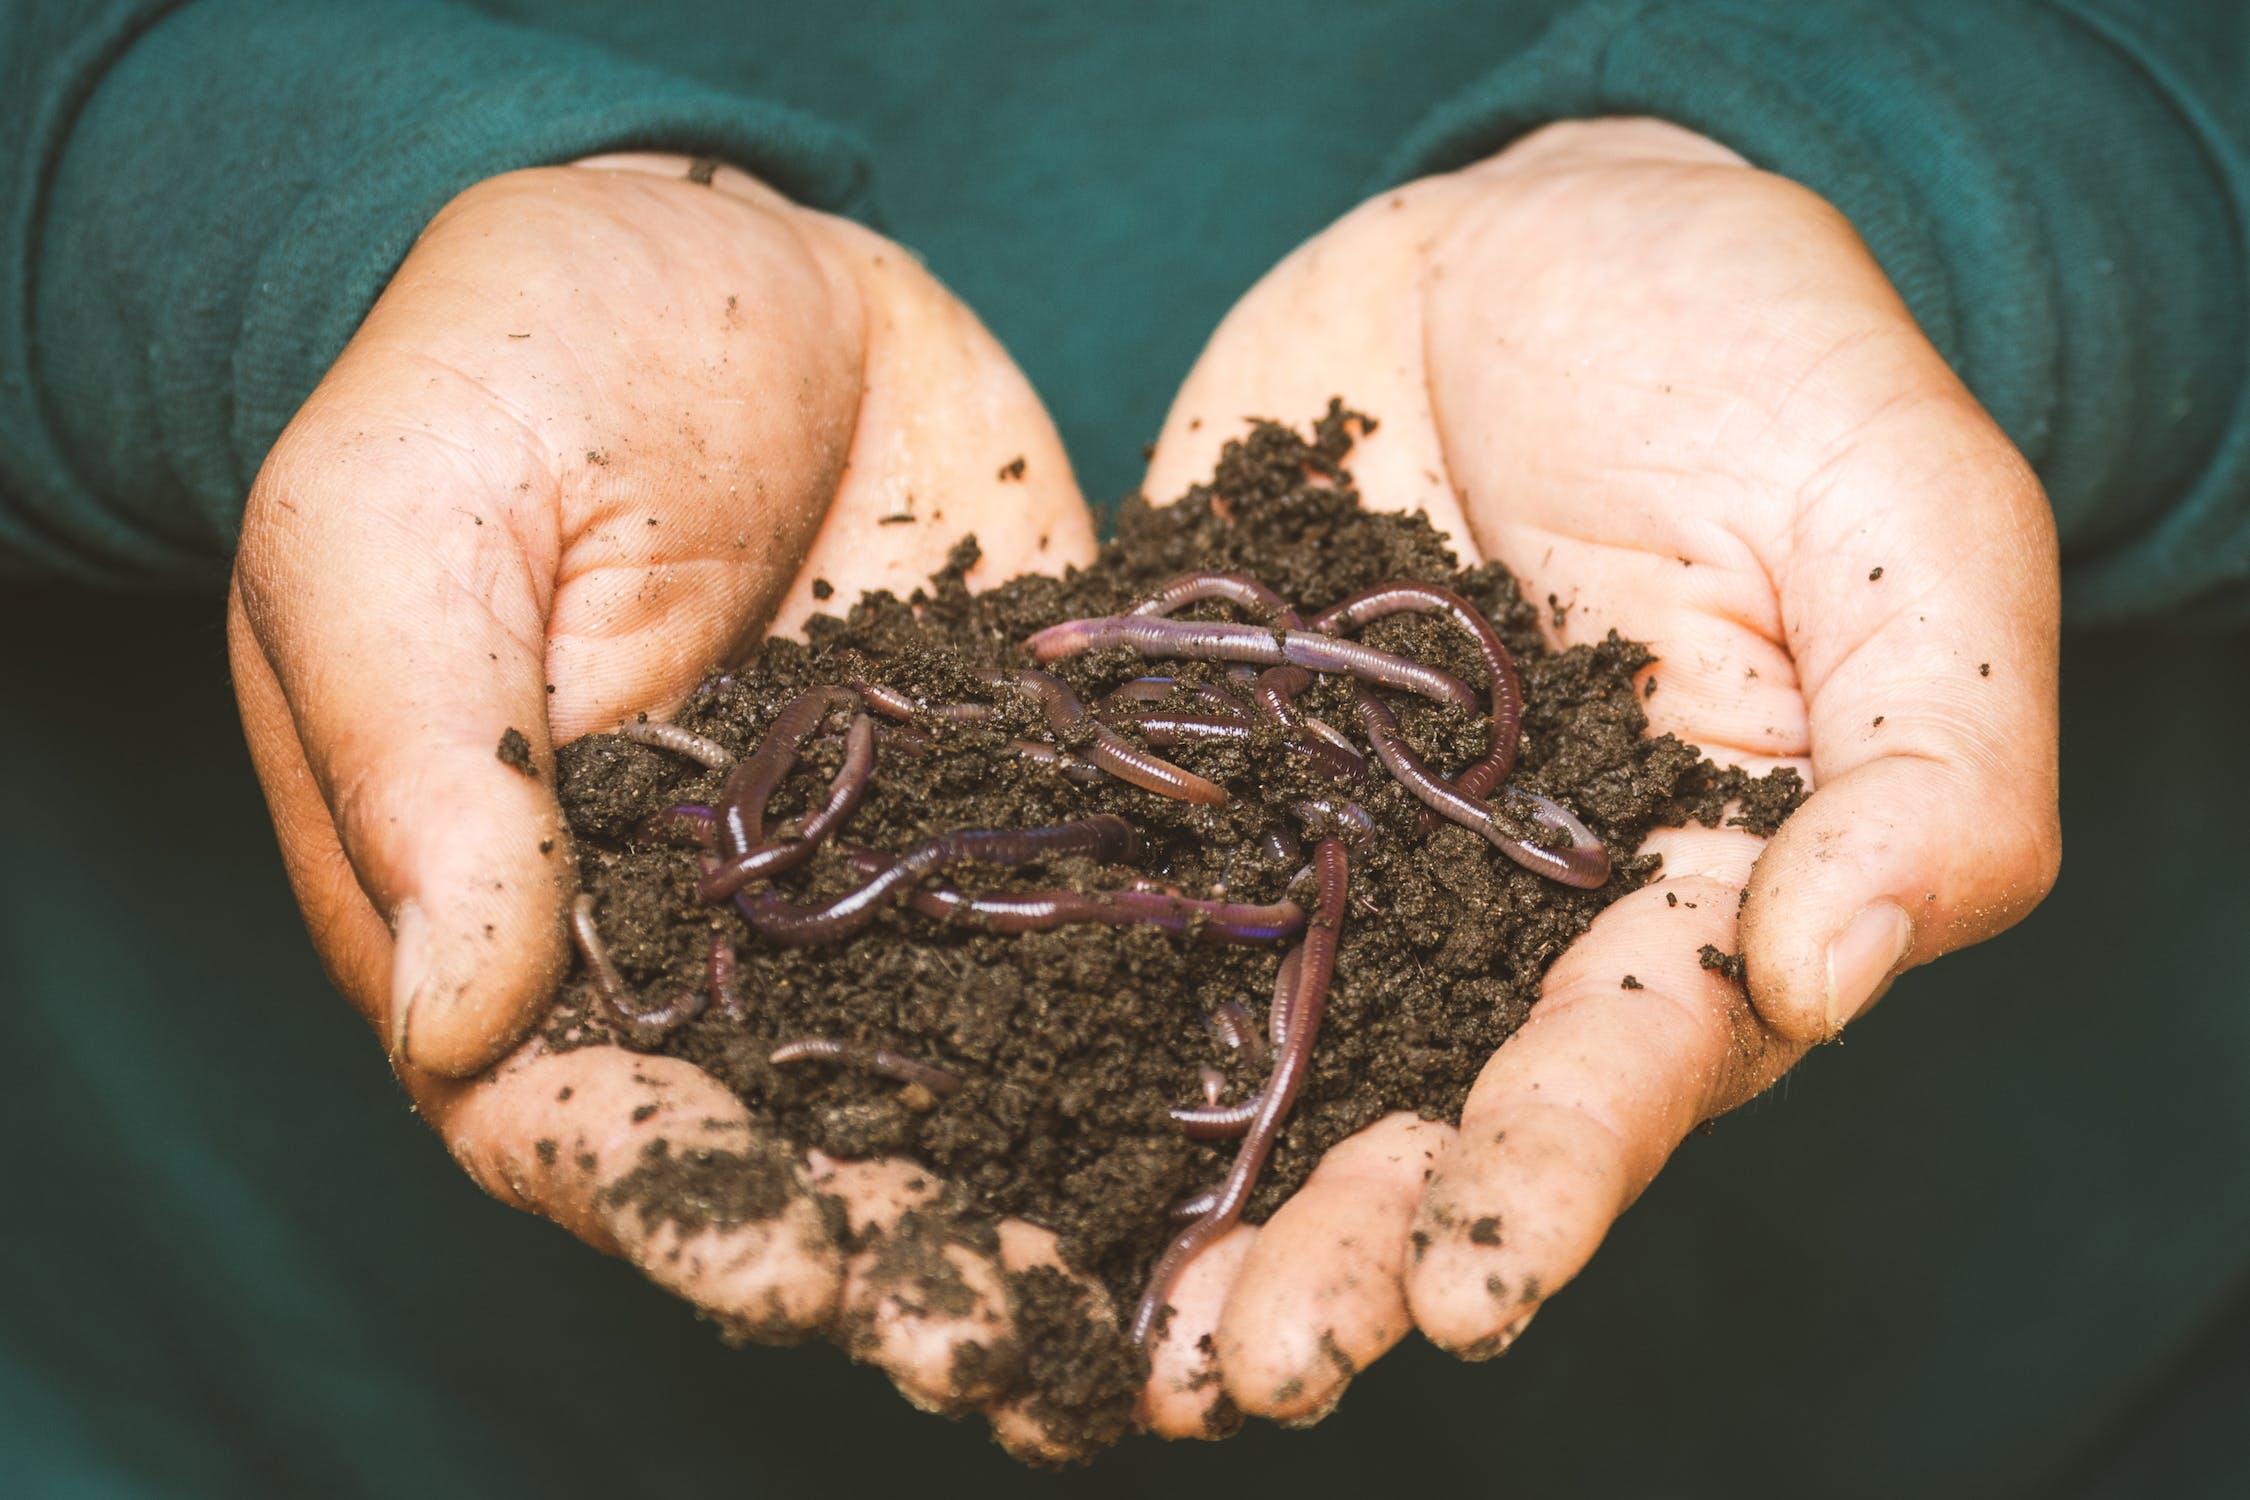 Bild zeigt Hände welche mit Regenwürmern gefüllte Erde halten